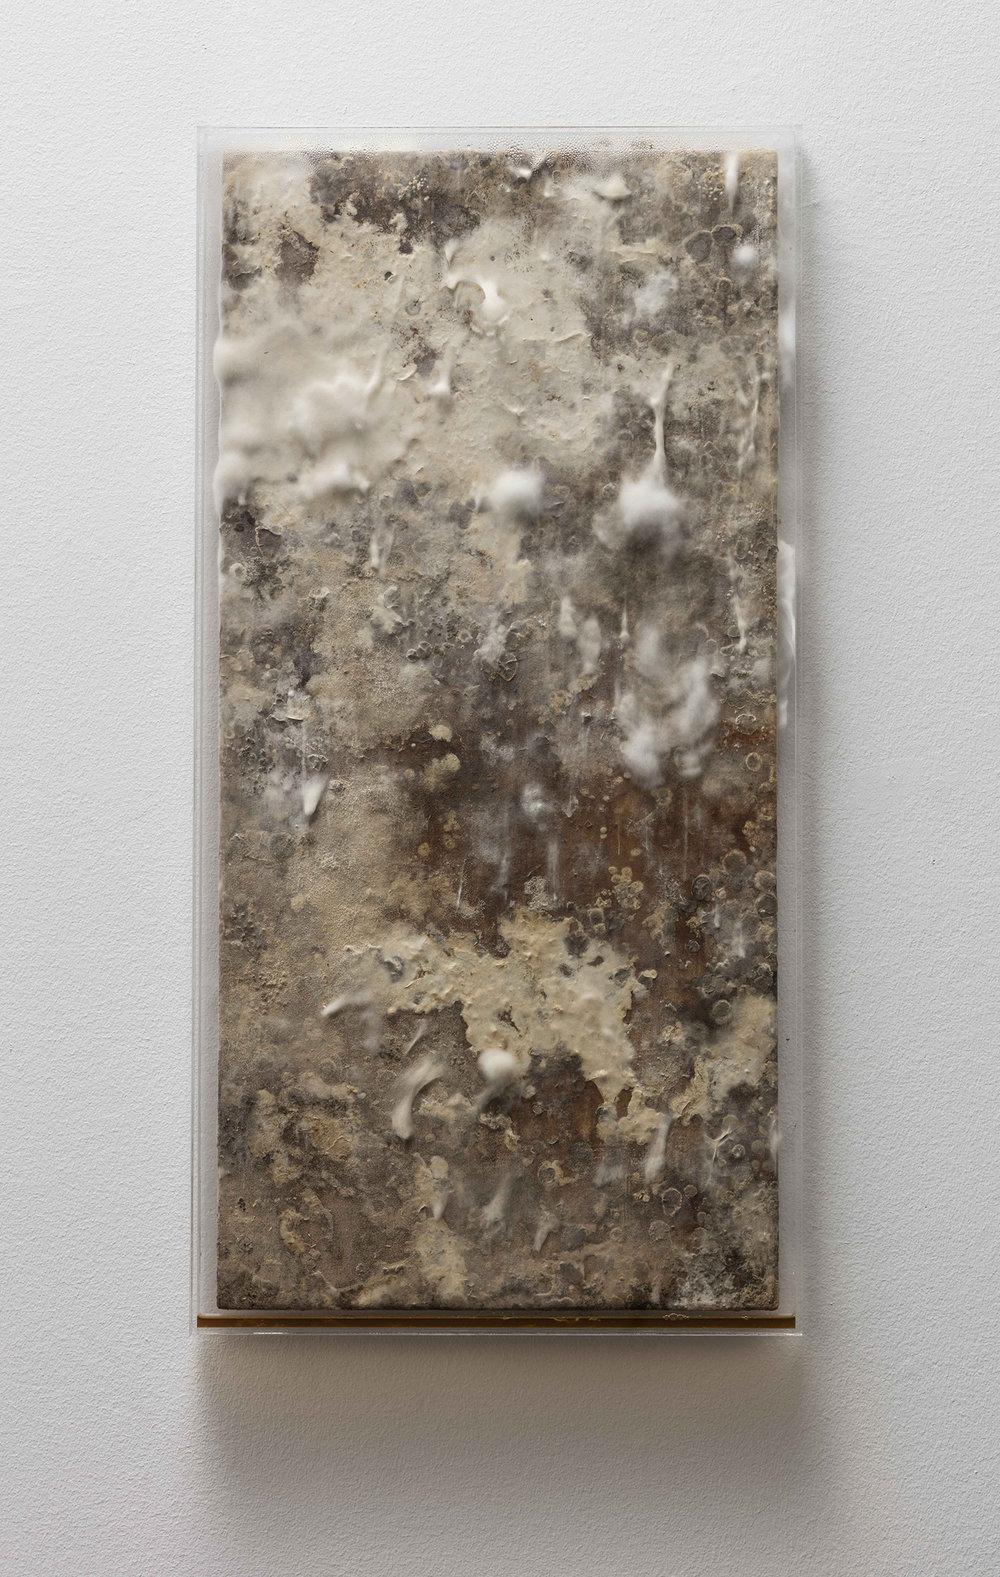 SI, Uden titel, 2017 (Skimmelsvamp på træ, hermetisk forseglet af klar akryl, med respiration på bagsiden. 100 x 50 x 6 cm). Foto:Anders Sune Berg © Galleri Susanne Ottesen.